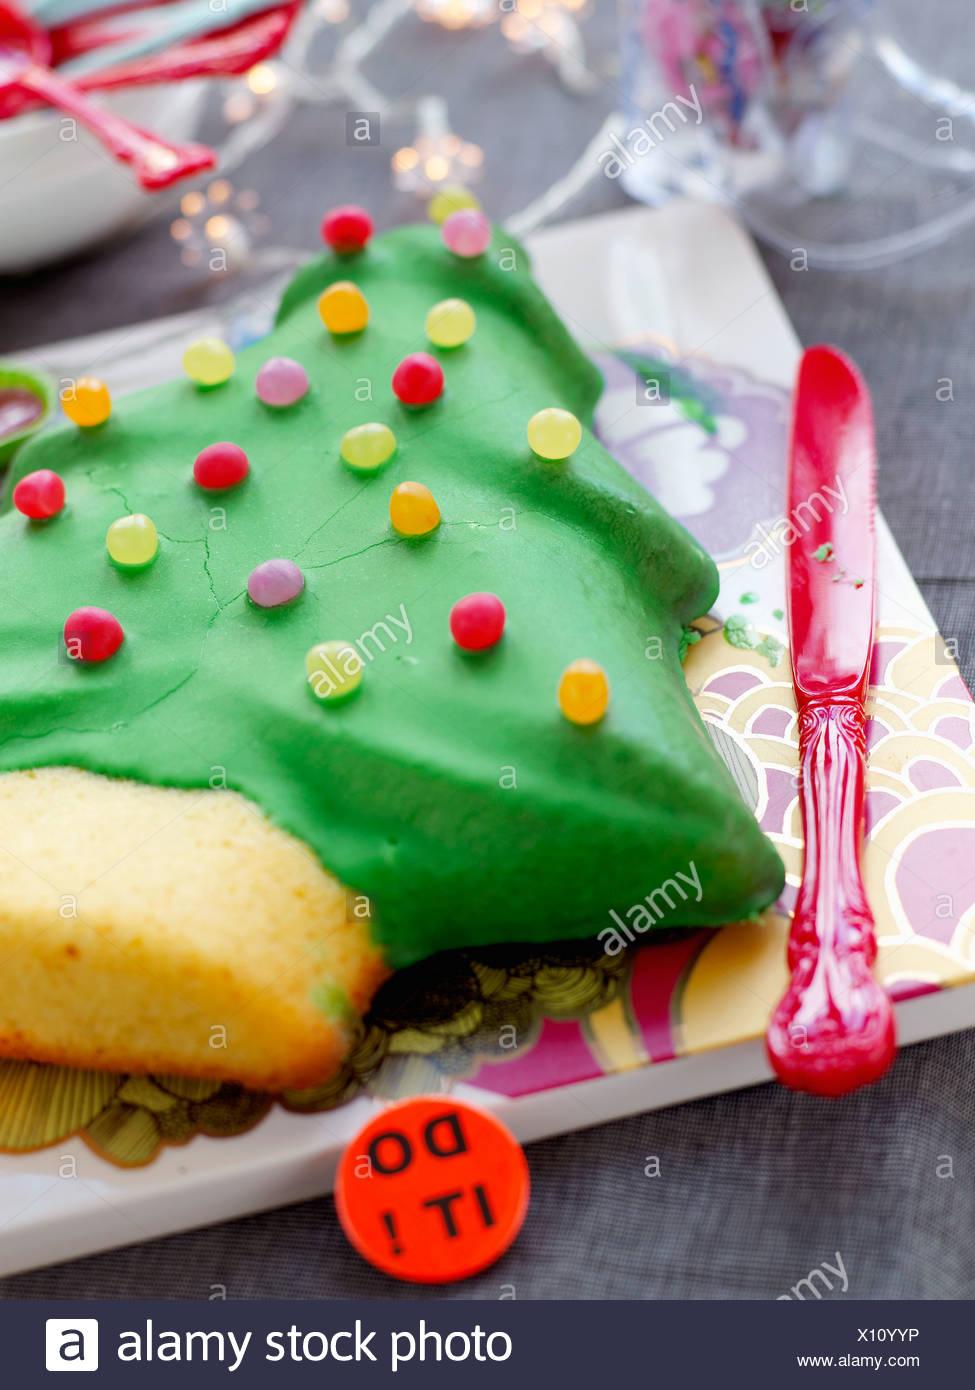 Christmas tree-shaped cake decorated with Dragibus - Stock Image